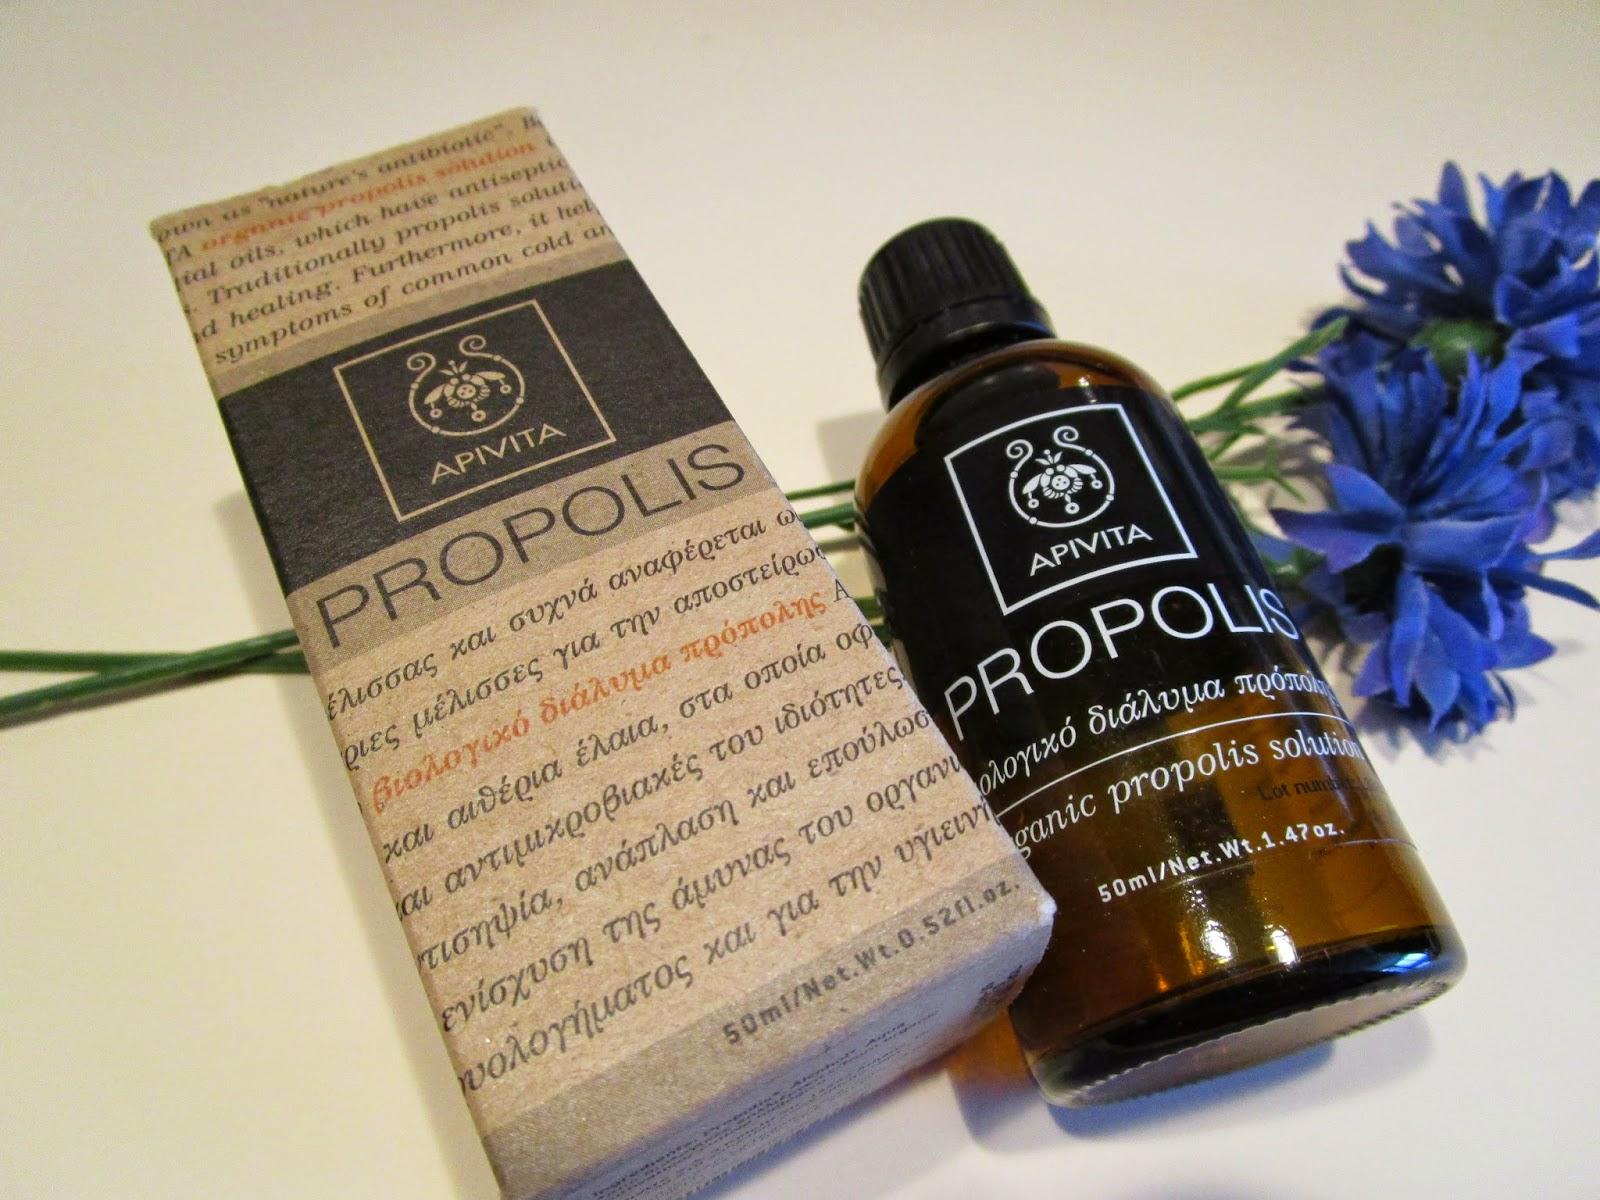 Solución Biológica de Propóleo de Apivita